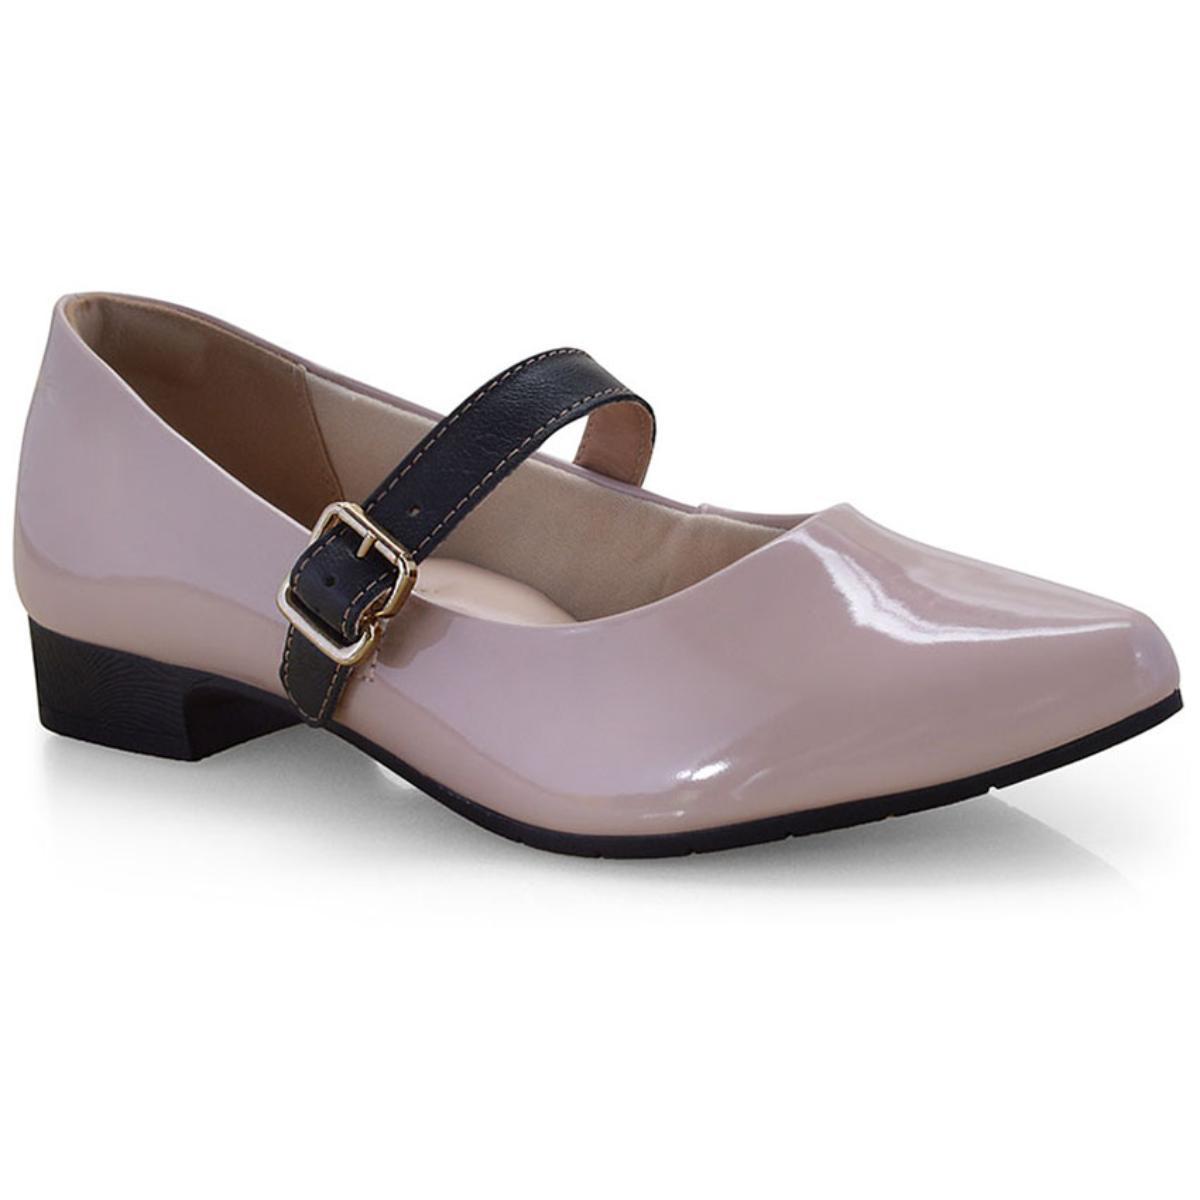 Sapato Feminino Campesi L6523 Blush/preto